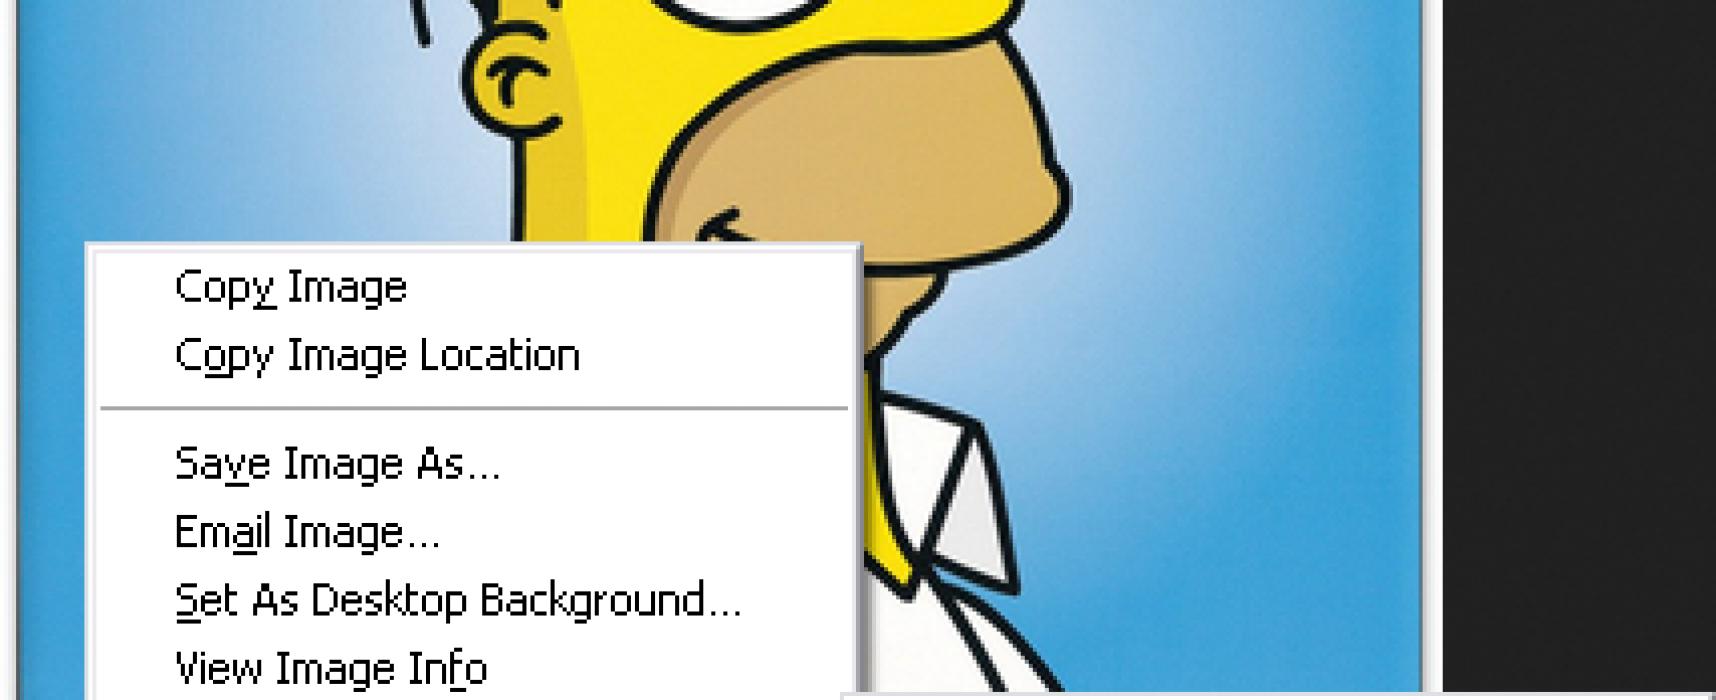 13 doplňků pro prohlížeč, se kterými snadněji rozeznáte podvrhy